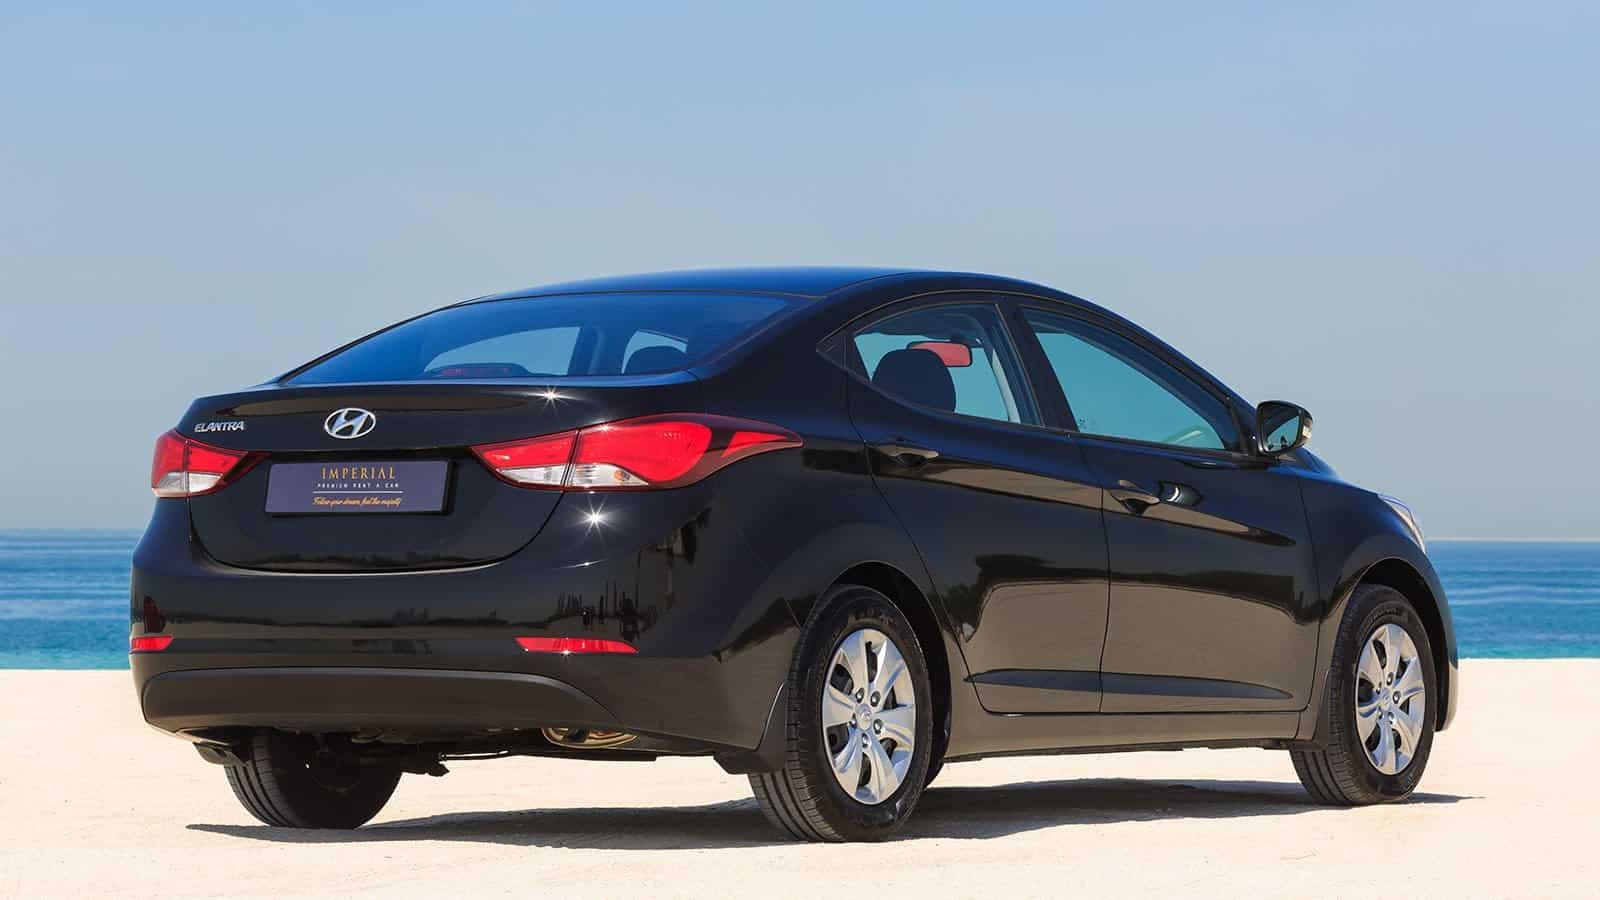 Hyundai Elantra Car Rental Abu Dhabi